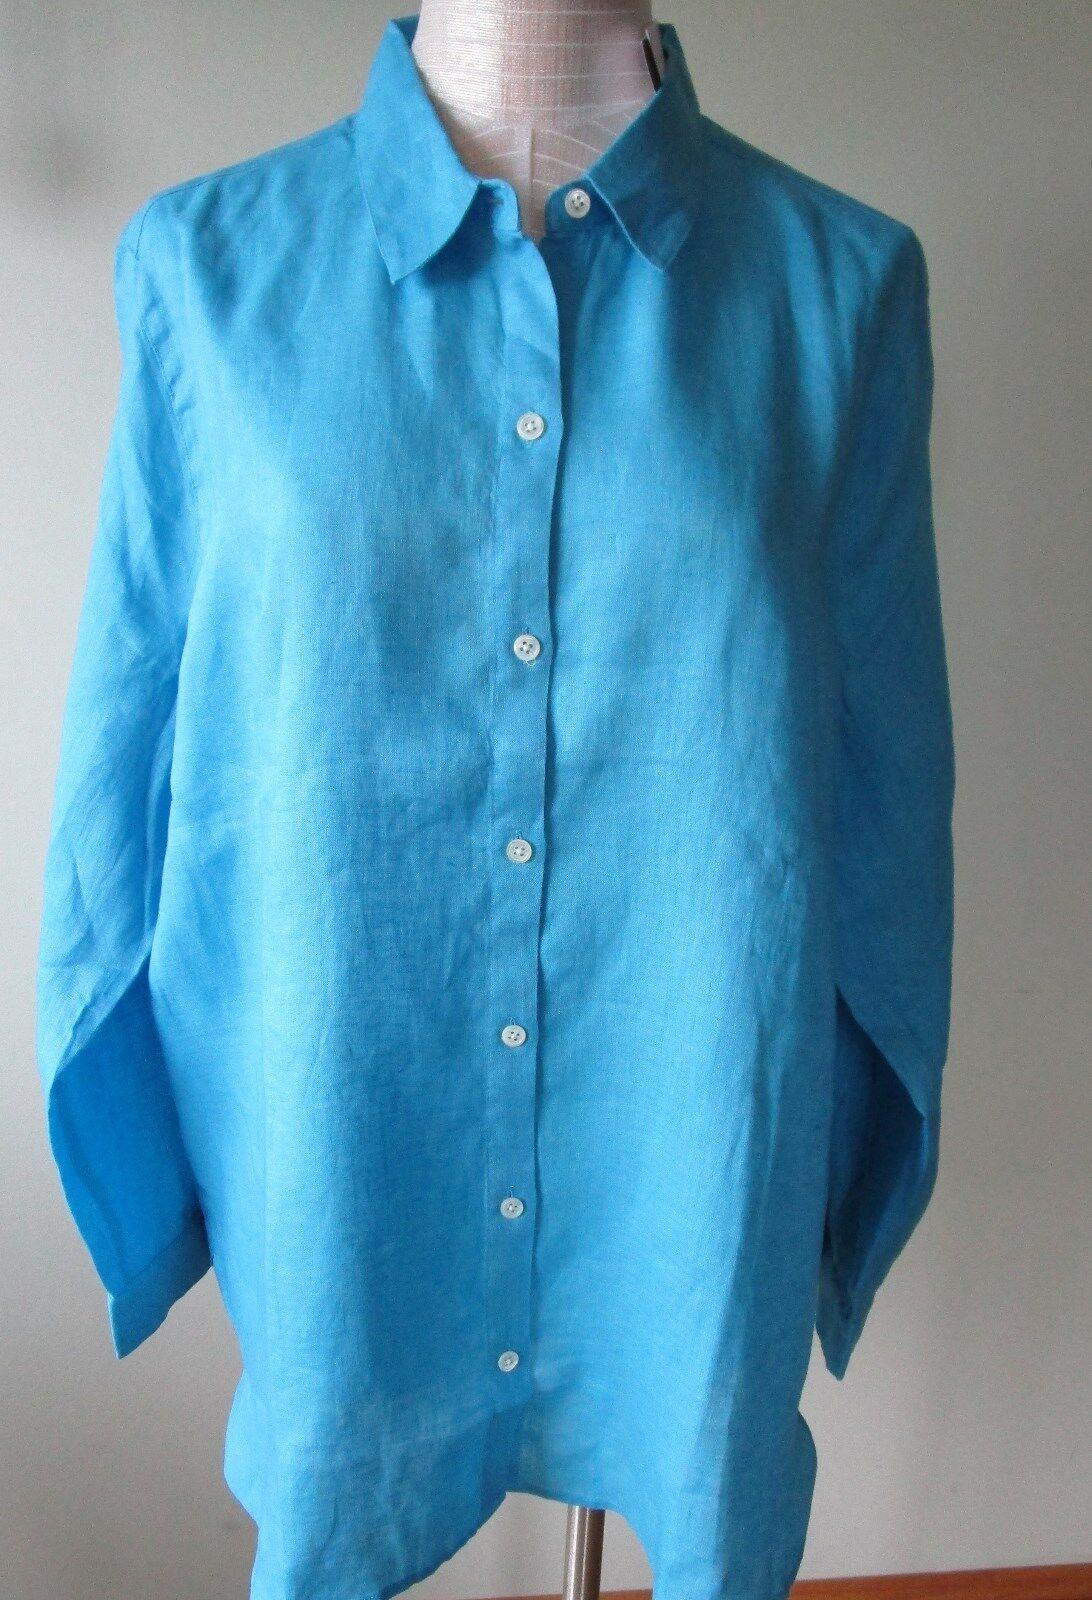 J.Jill     Linen   Big   shirt      3X     NWT      AQUA